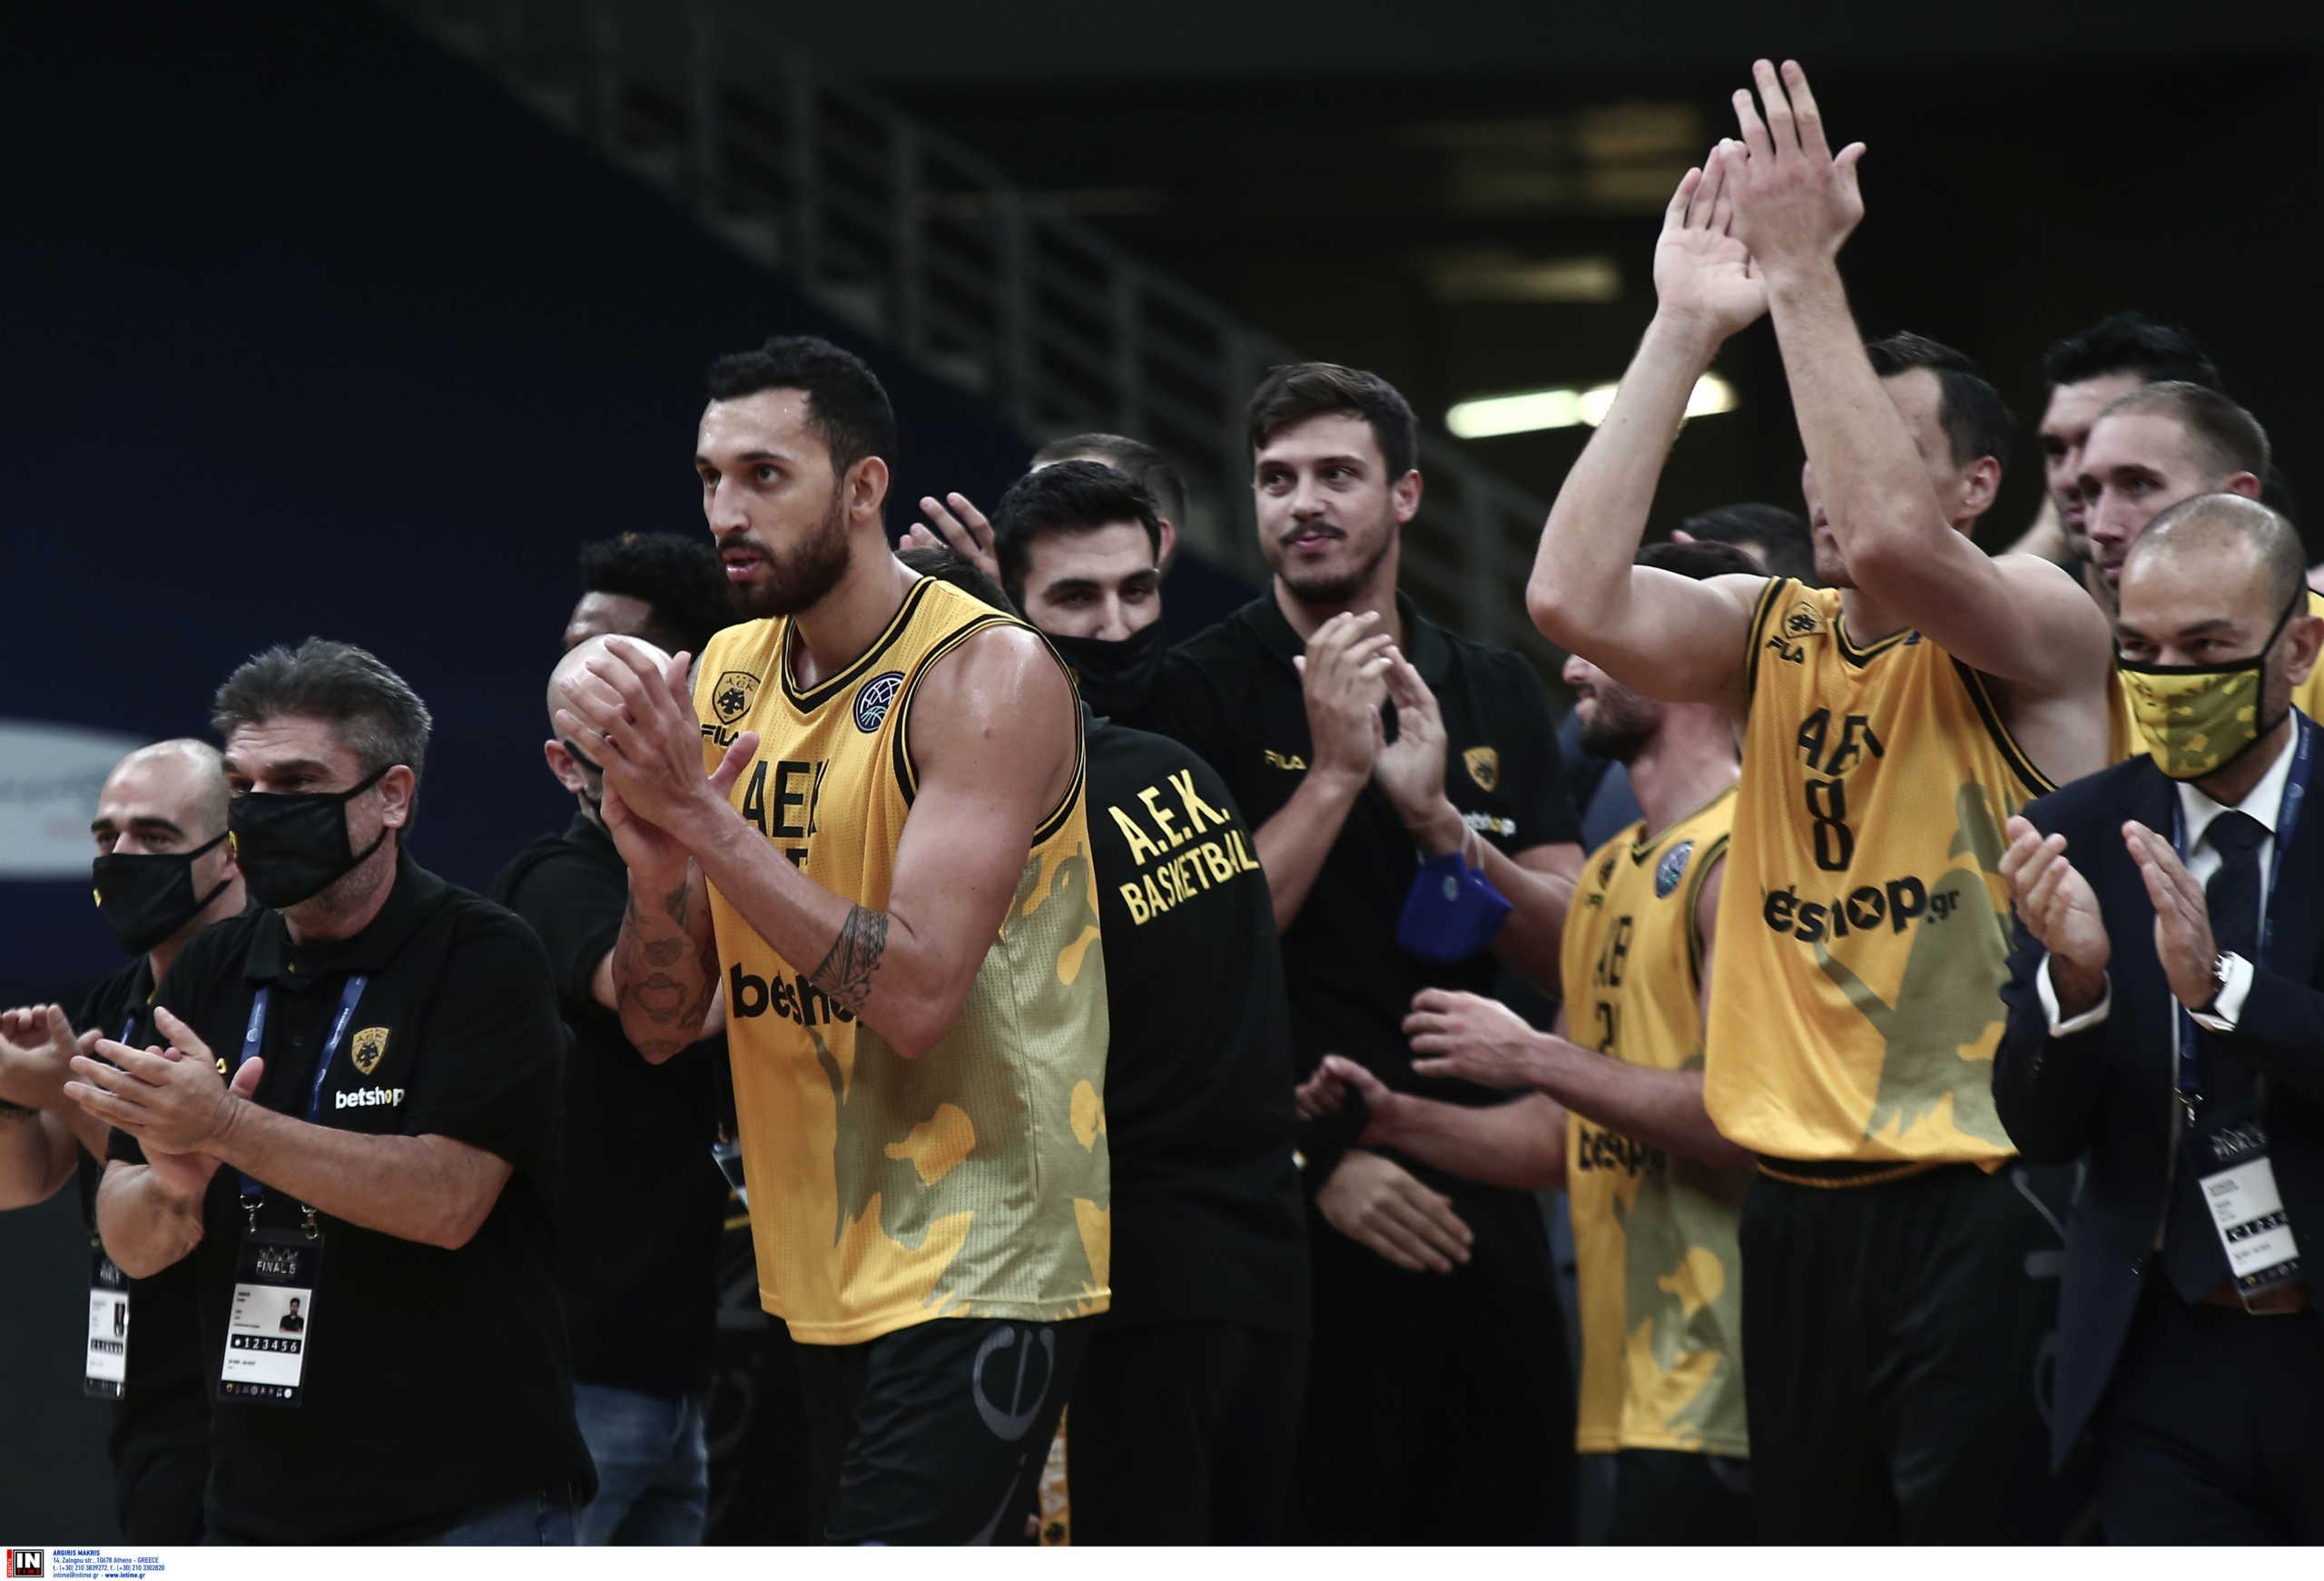 ΑΕΚ: Ανάρτηση με σύνθημα νίκης από τον ΠΣΑΚ για τον τελικό με την Μπούργος (pic)